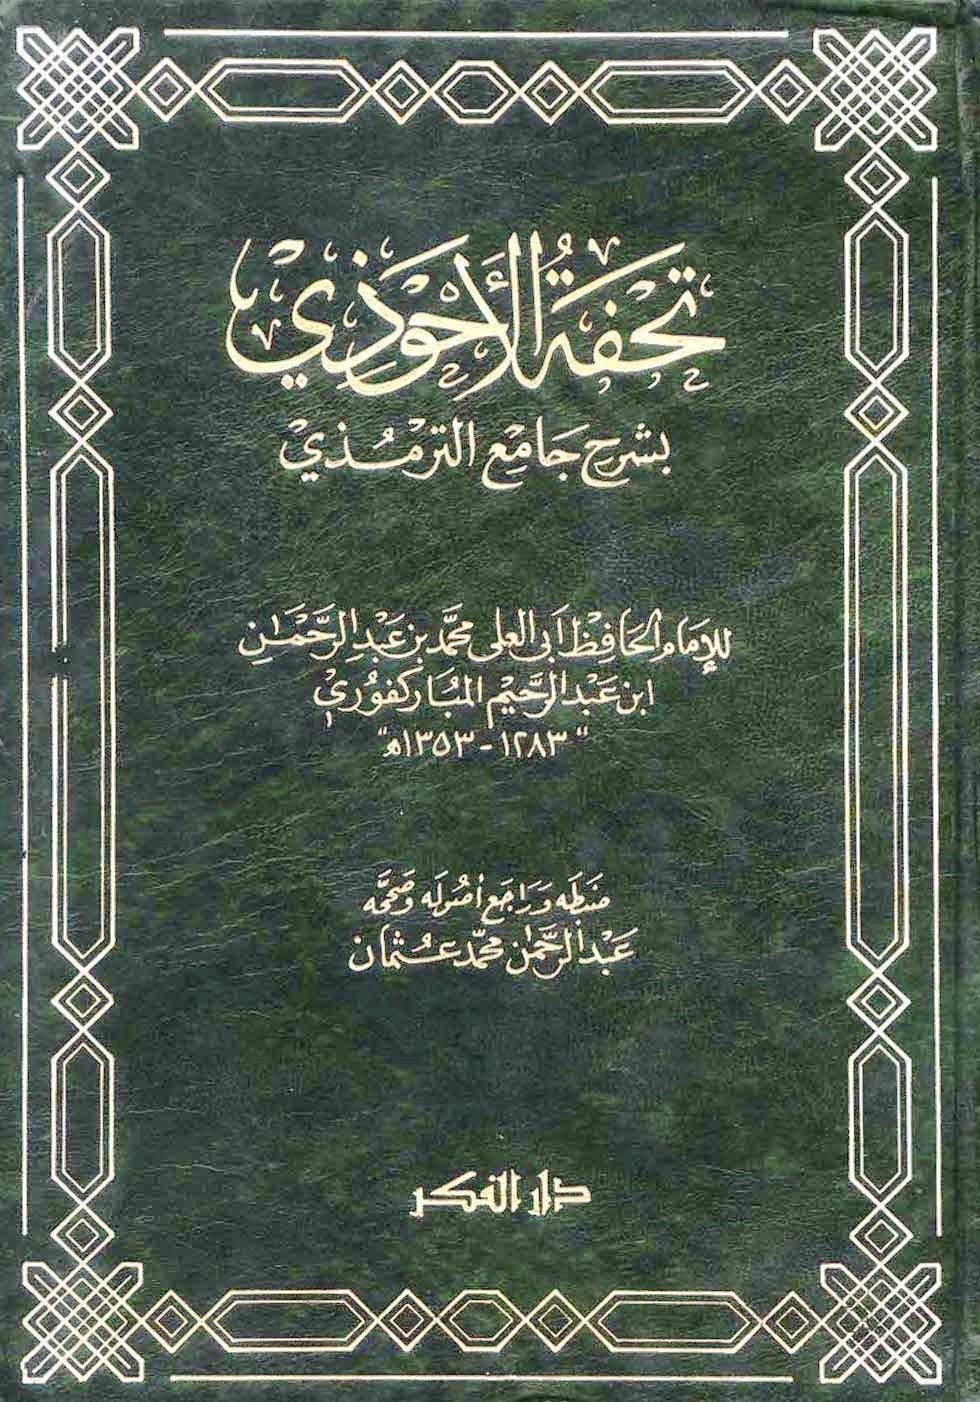 تحفة الأحوذي شرح جامع الترمذي - عبد الرحمن المباركفوري